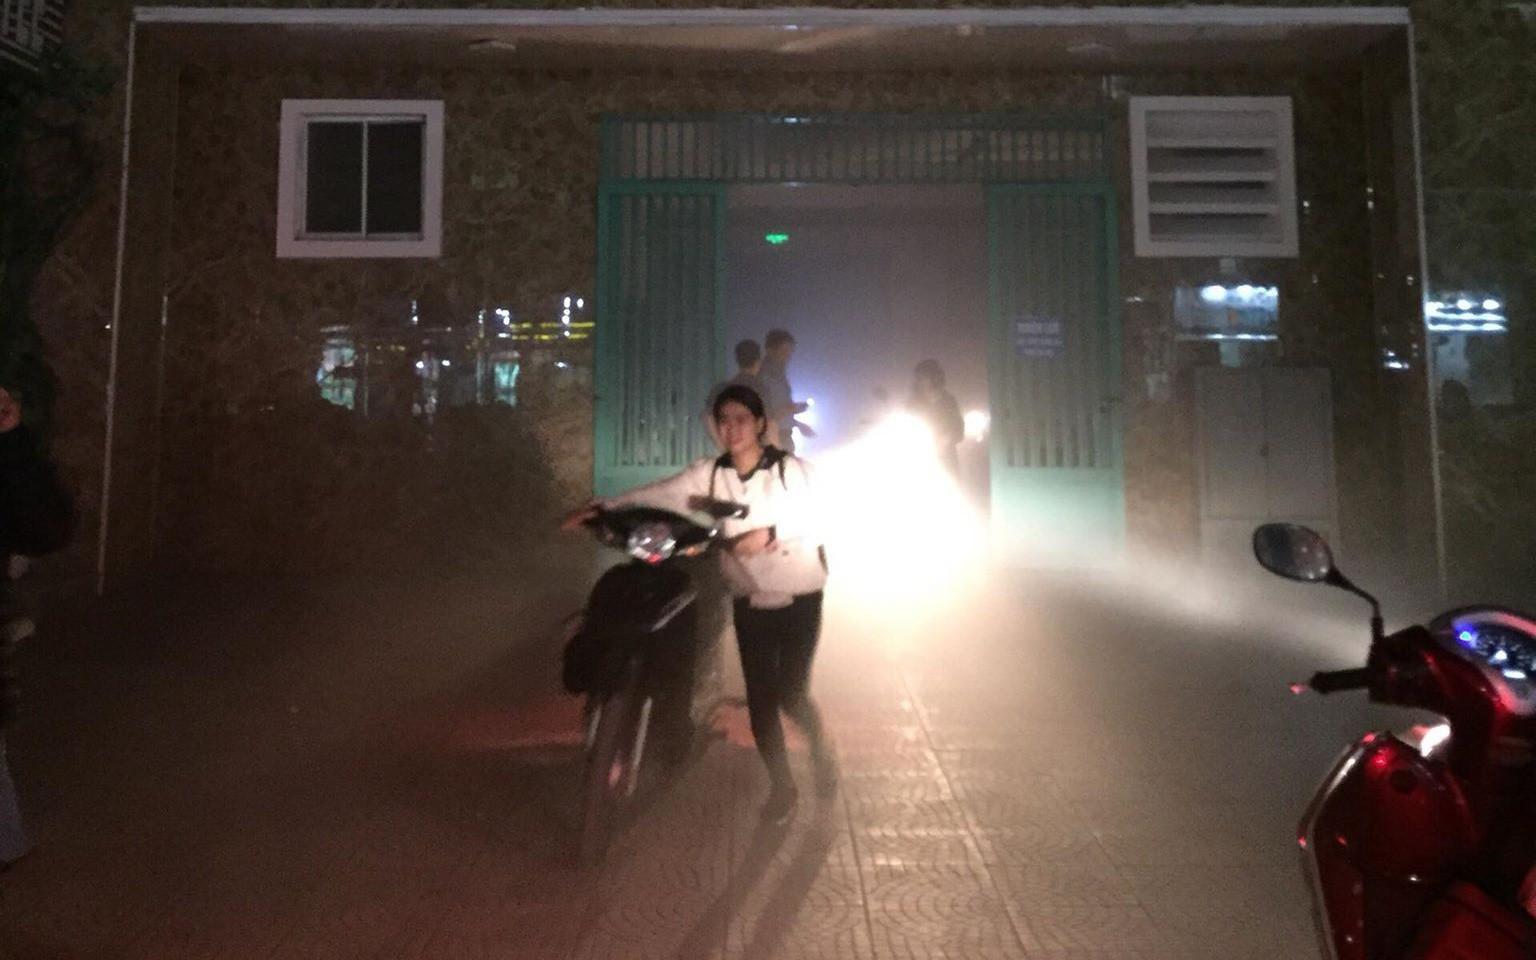 Cháy phòng kỹ thuật điện chung cư ở Hà Nội, người dân hoảng sợ dắt xe tháo chạy